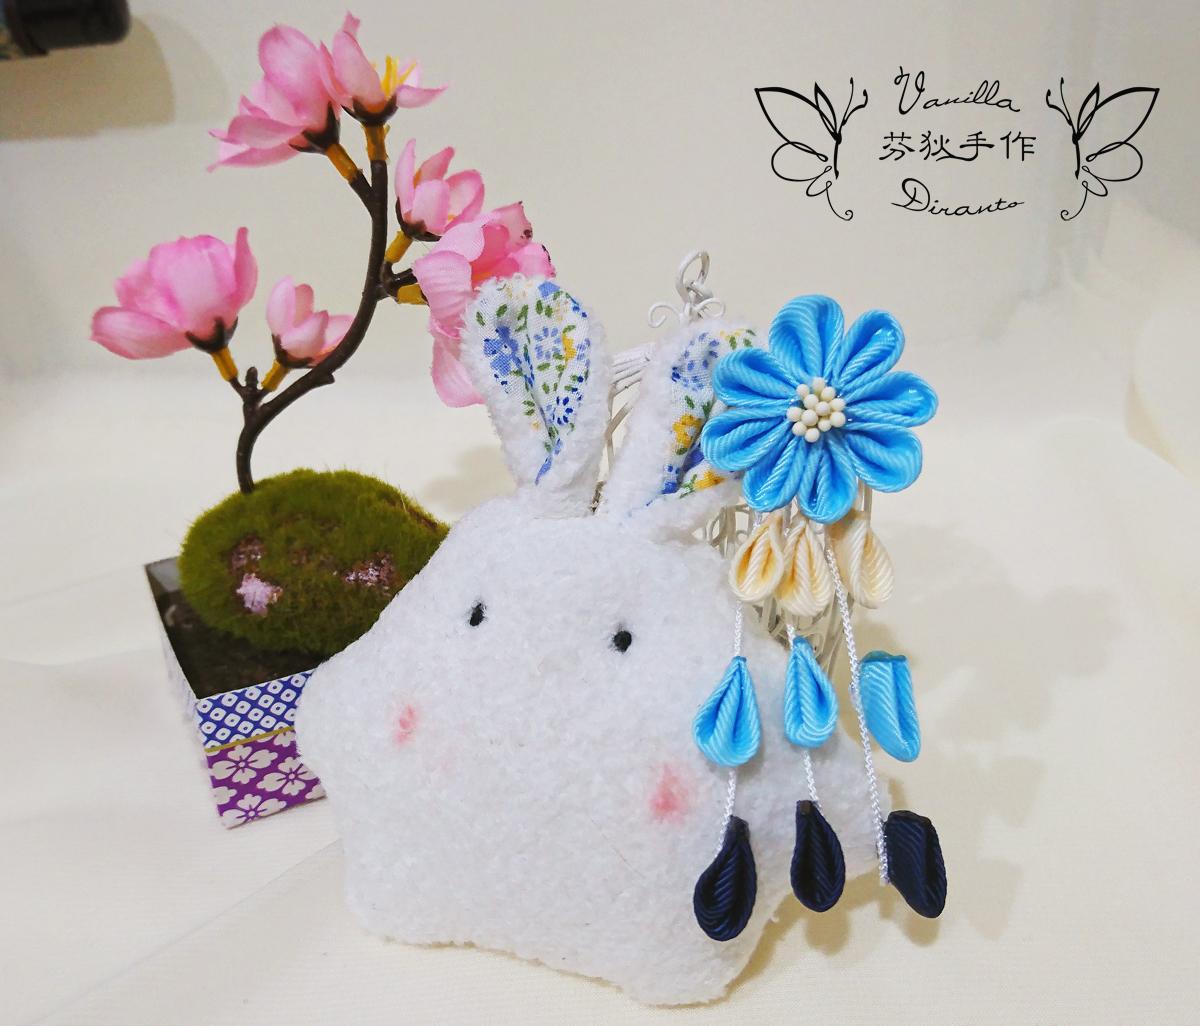 日式和風花髮飾 髮夾 冰藍 - Duke Vanilla 香草公爵